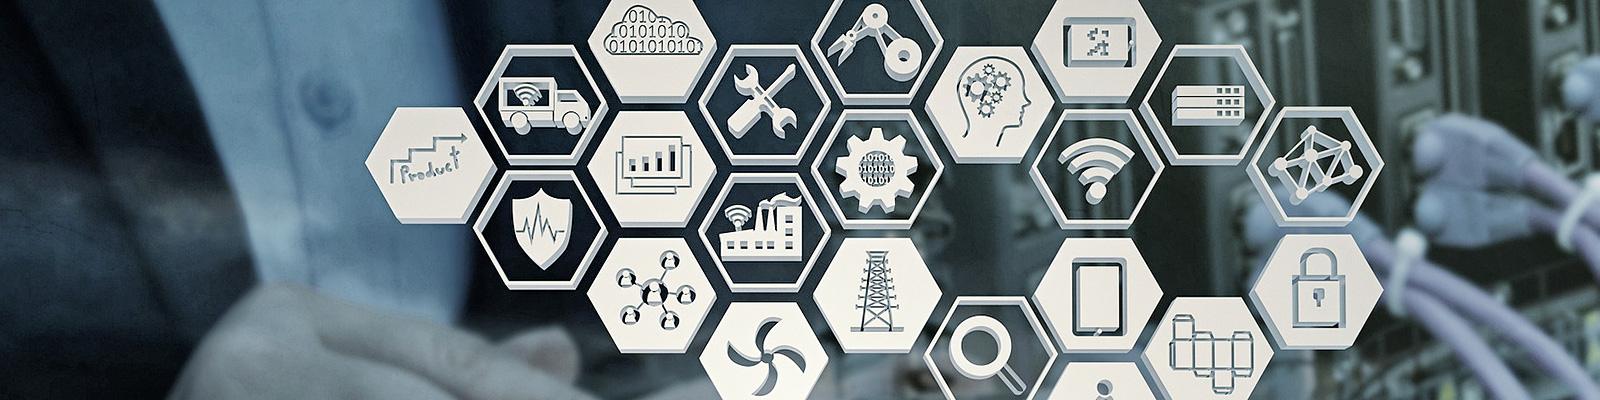 産業 IoT イメージ